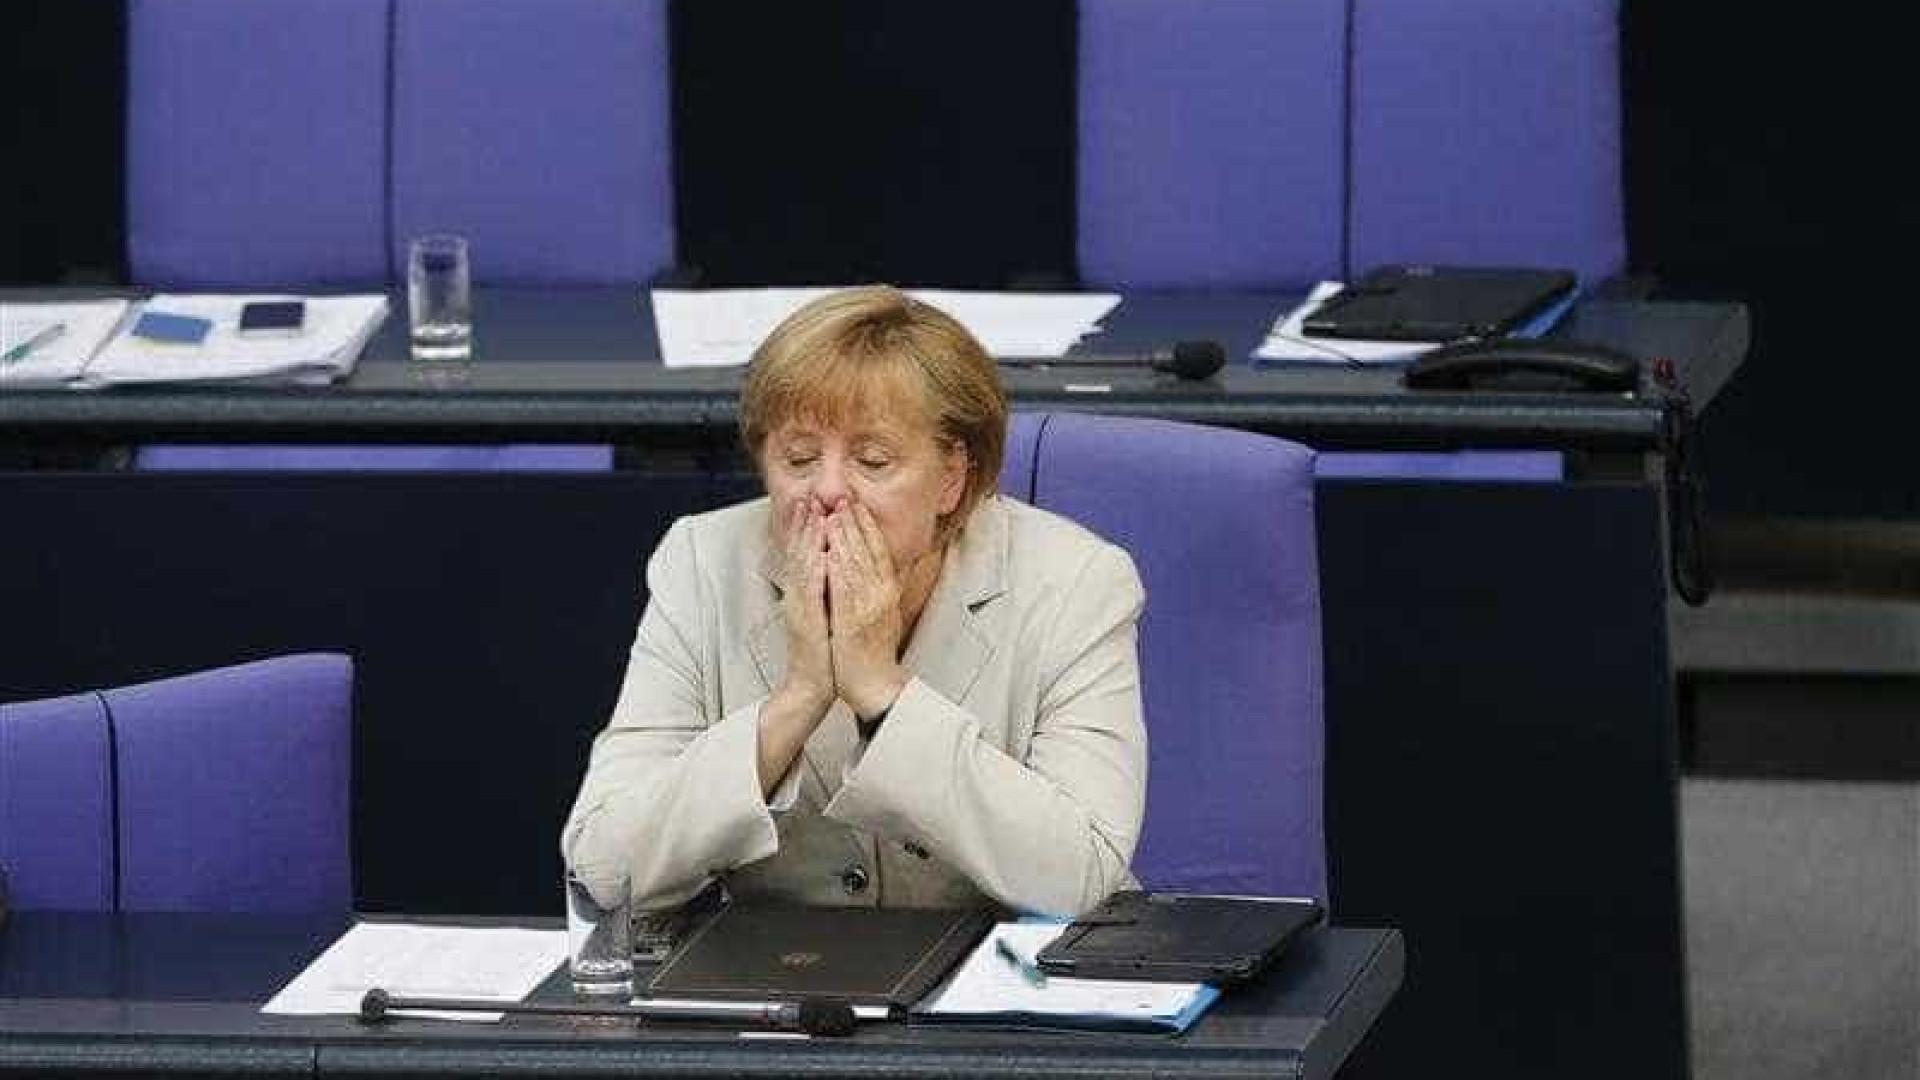 Alemães sugerem 30 horas de trabalho contra o desemprego